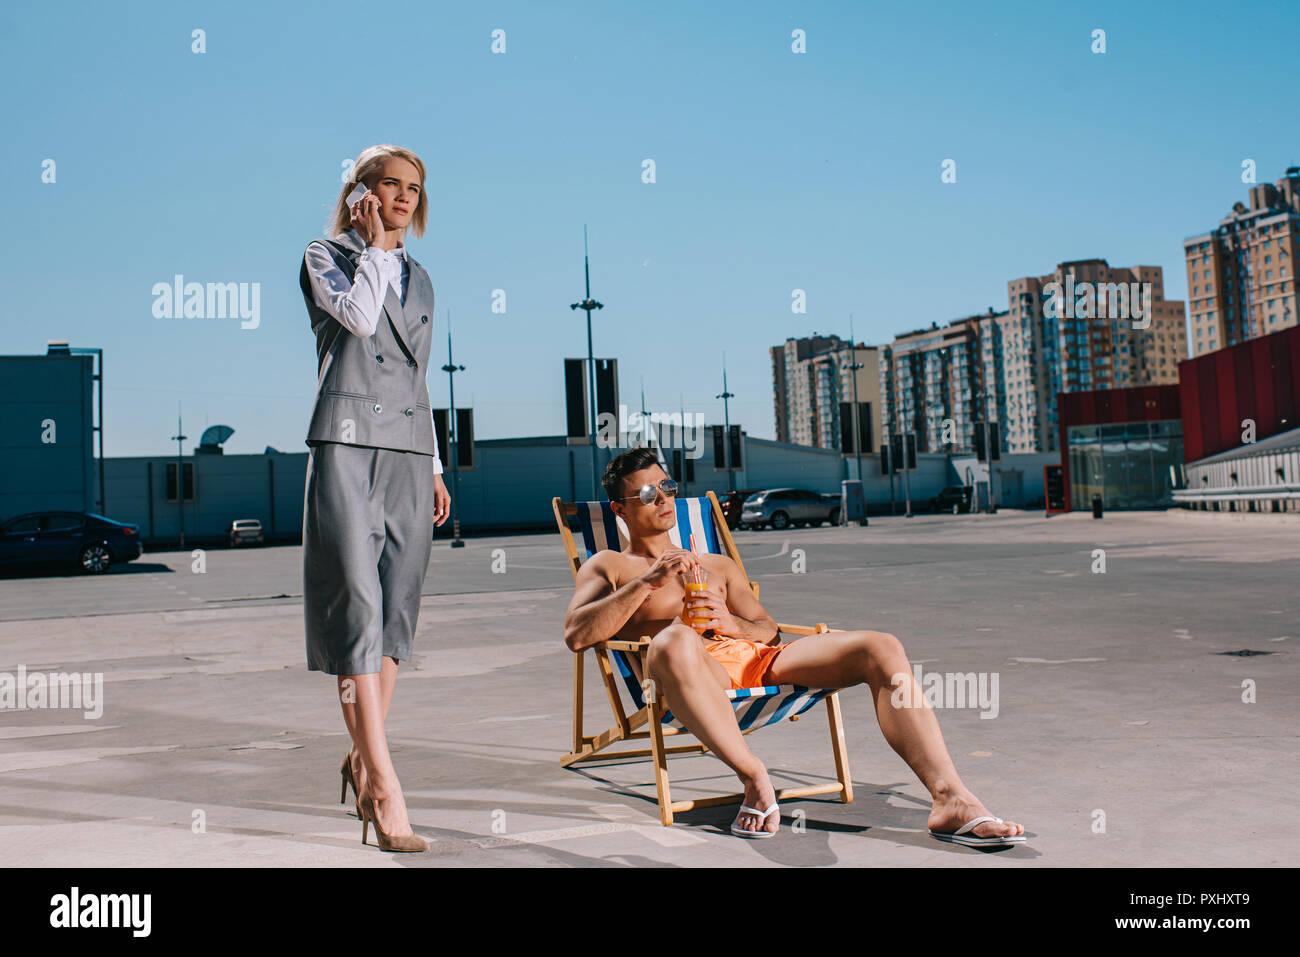 Attraktiven jungen Mann relaxen im Liegestuhl, während seine Frau Chef im Anzug neben ihm und sprechen über das Telefon auf den Parkplatz Stockfoto